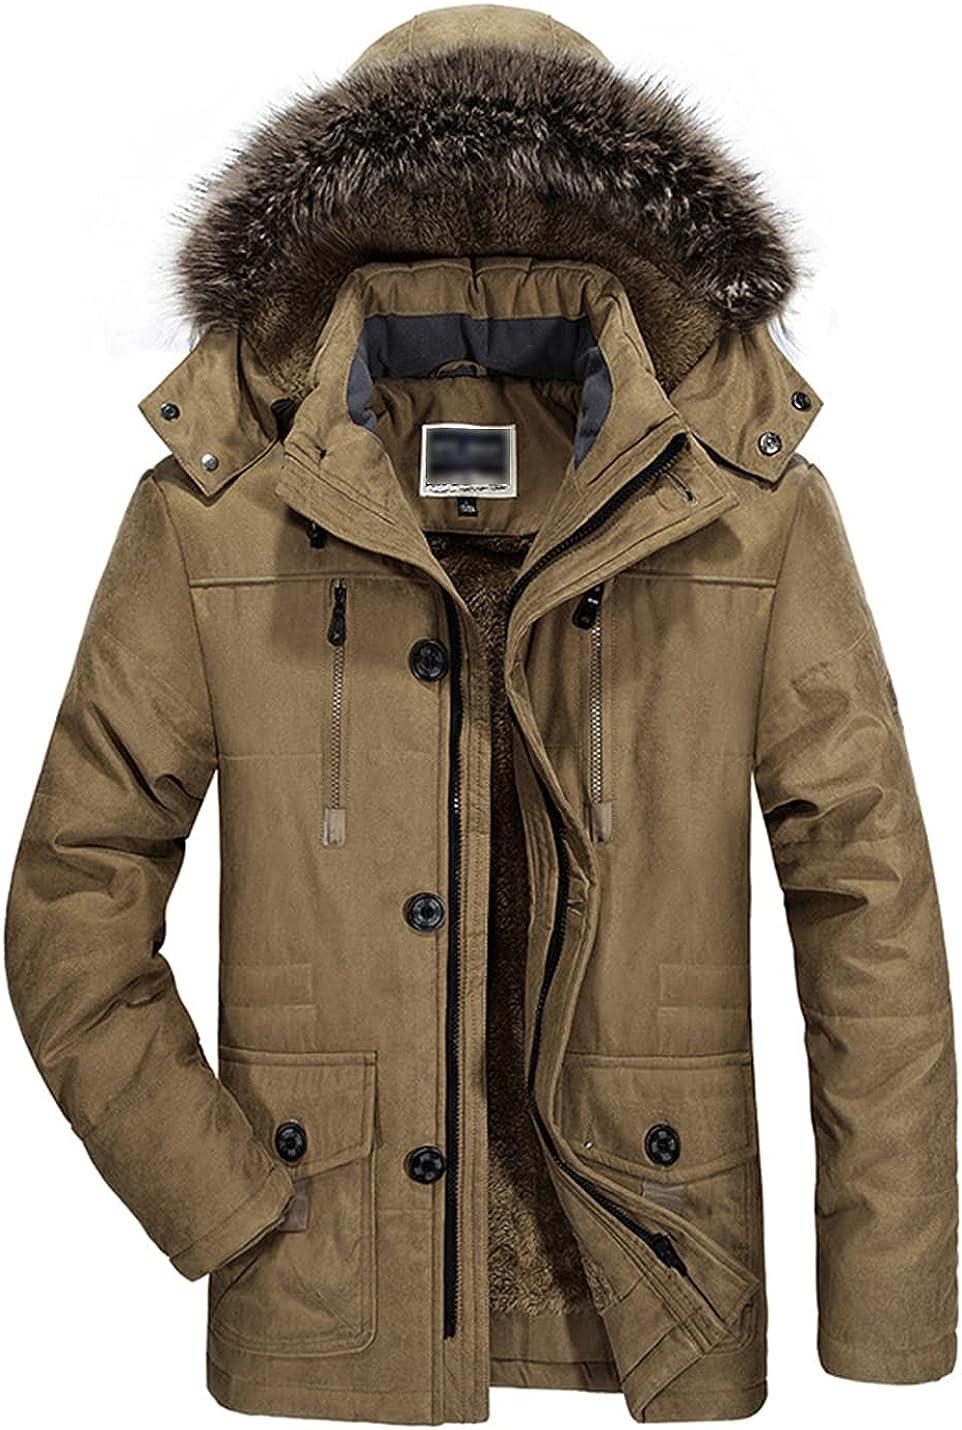 PEHMEA Men's Warm Thicken Hooded Parka Jacket Winter Sherpa Fleece Lined Padded Coat